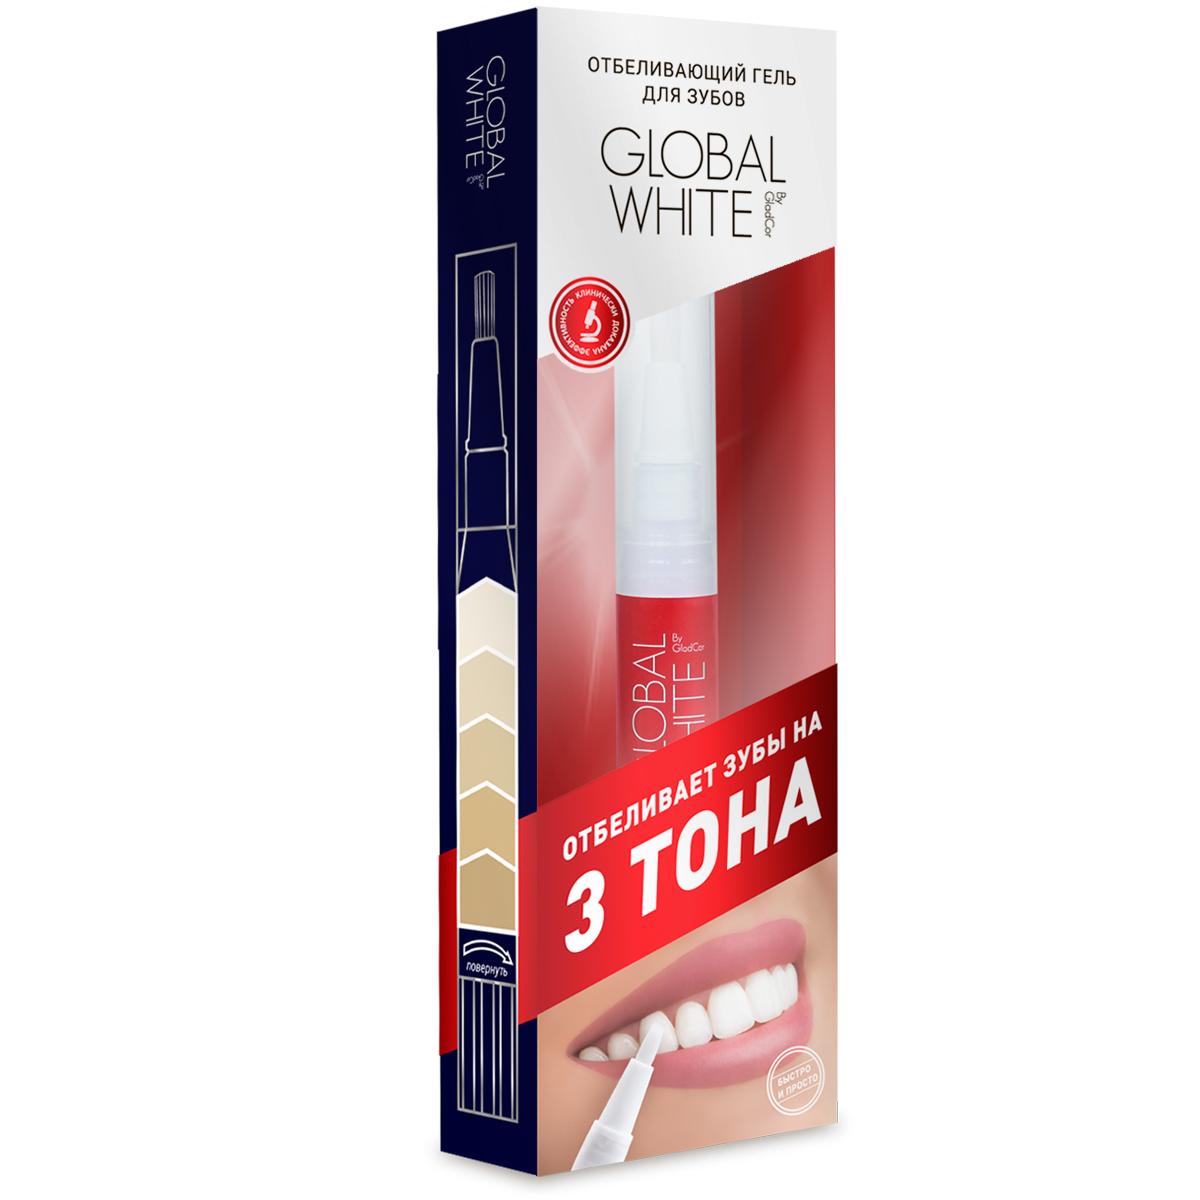 Global White Отбеливающий гель 6% (карандаш), 5 мл109Отбеливает на 3 тона, клинически доказанный результат, эффект после первого применения.